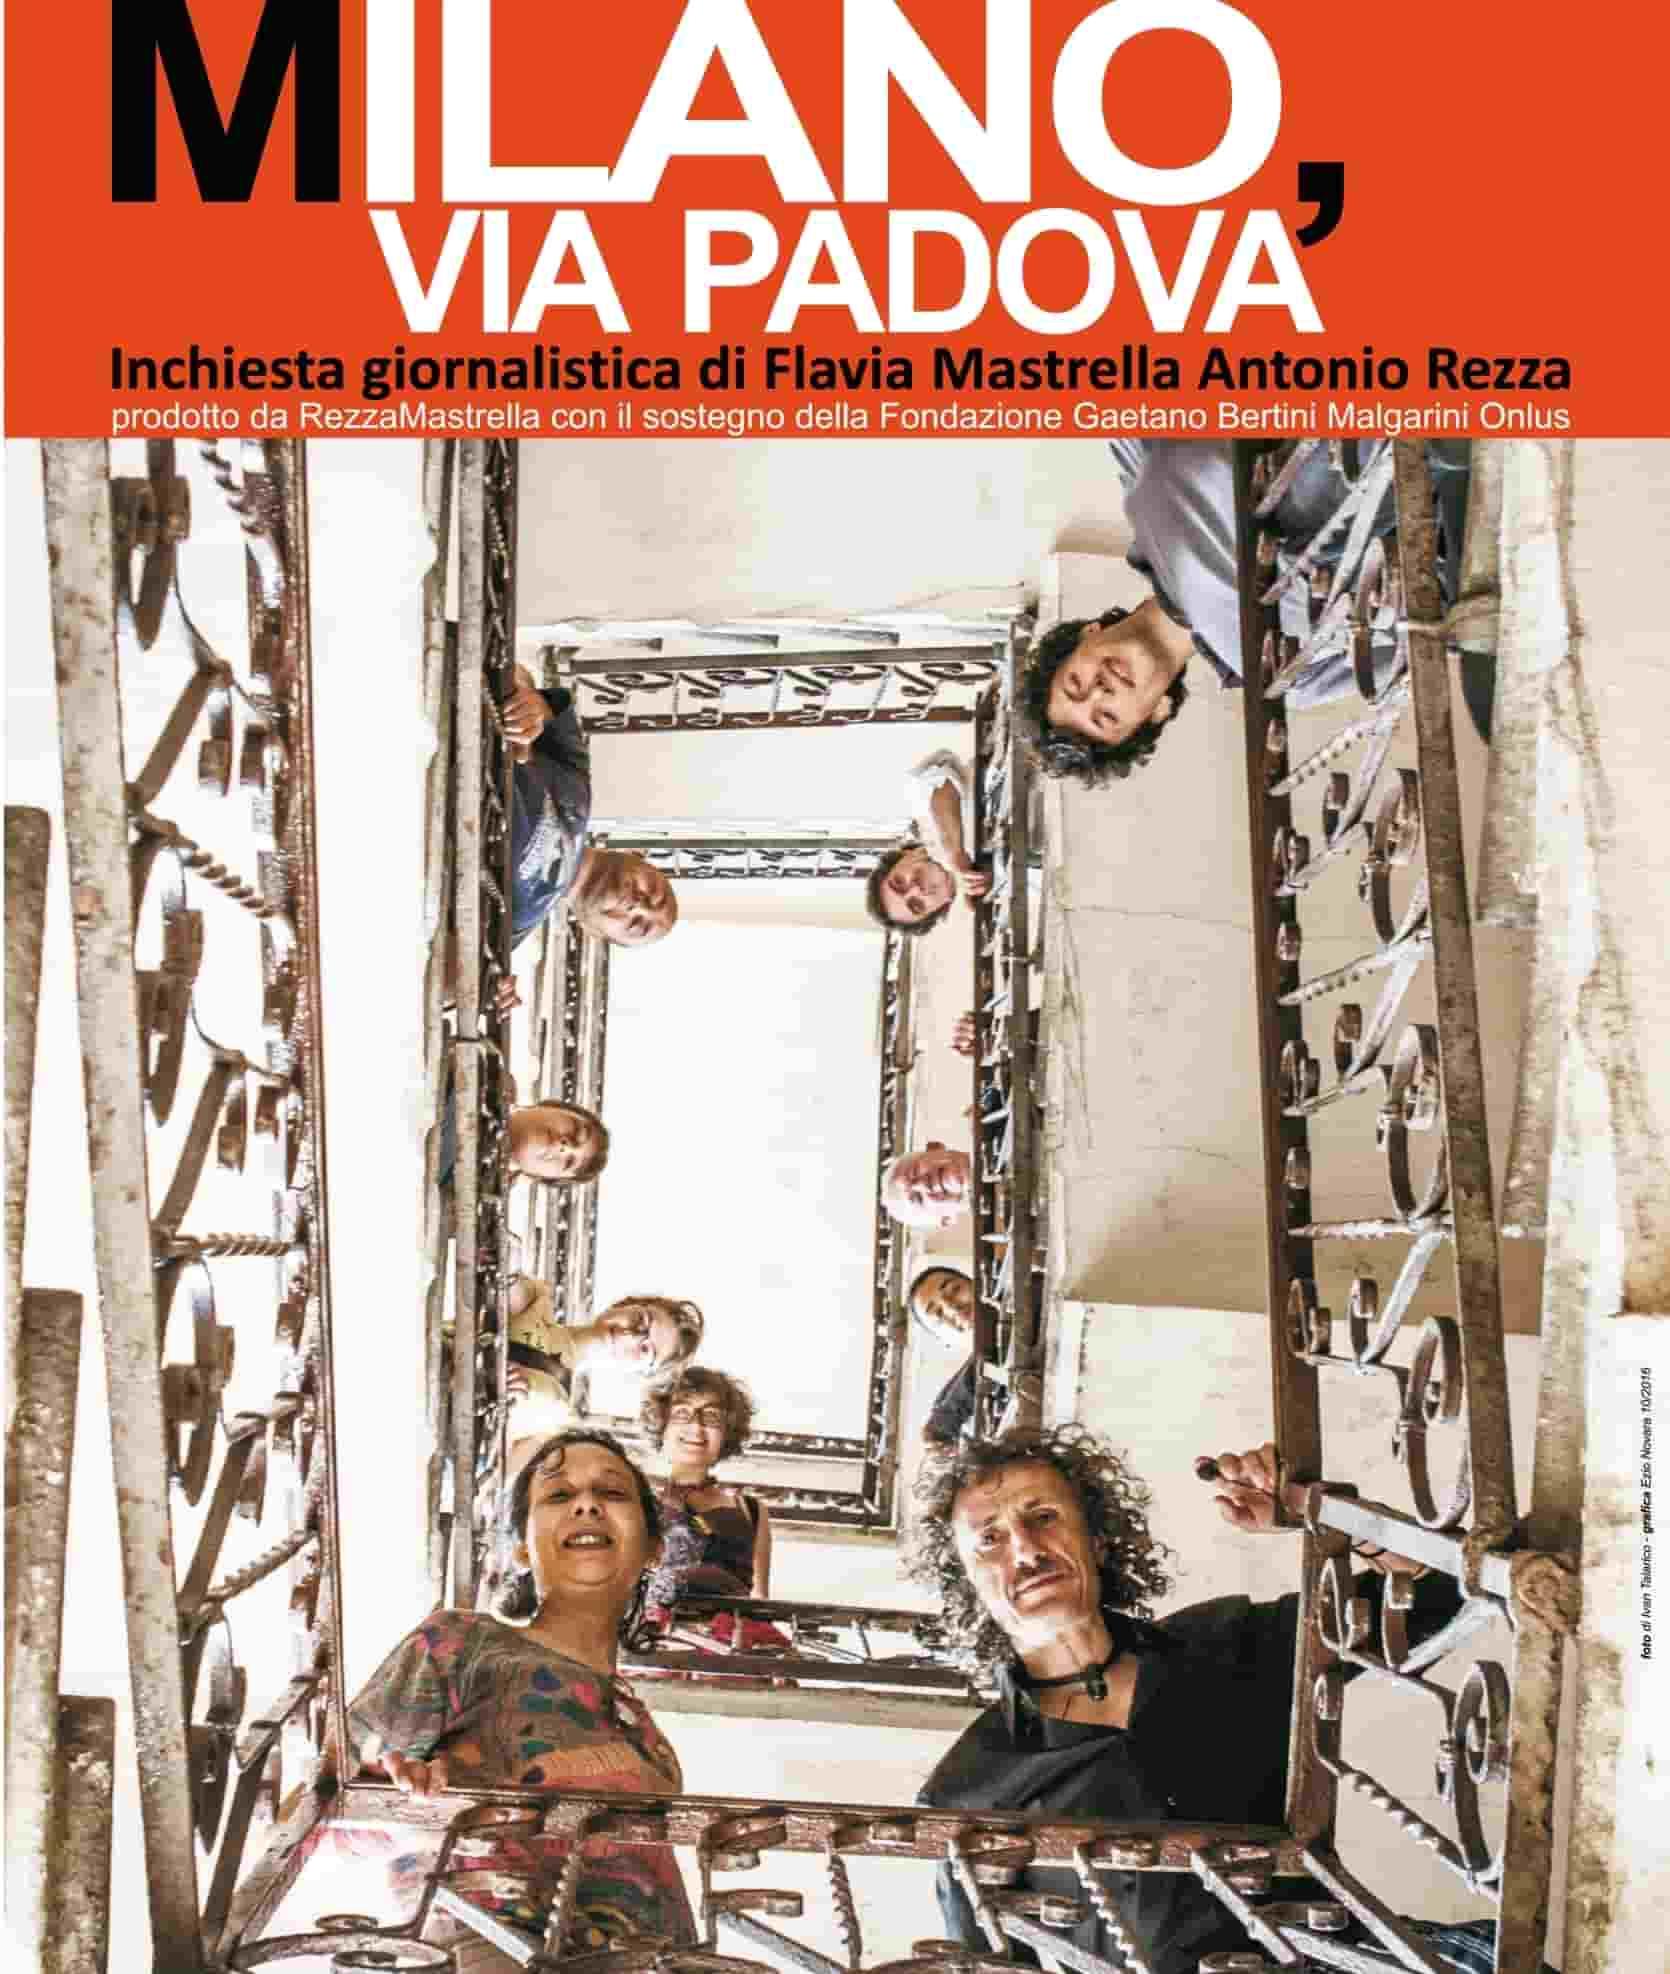 MILANO, VIA PADOVA | Il lato umoristioco e paradossale del razzismo